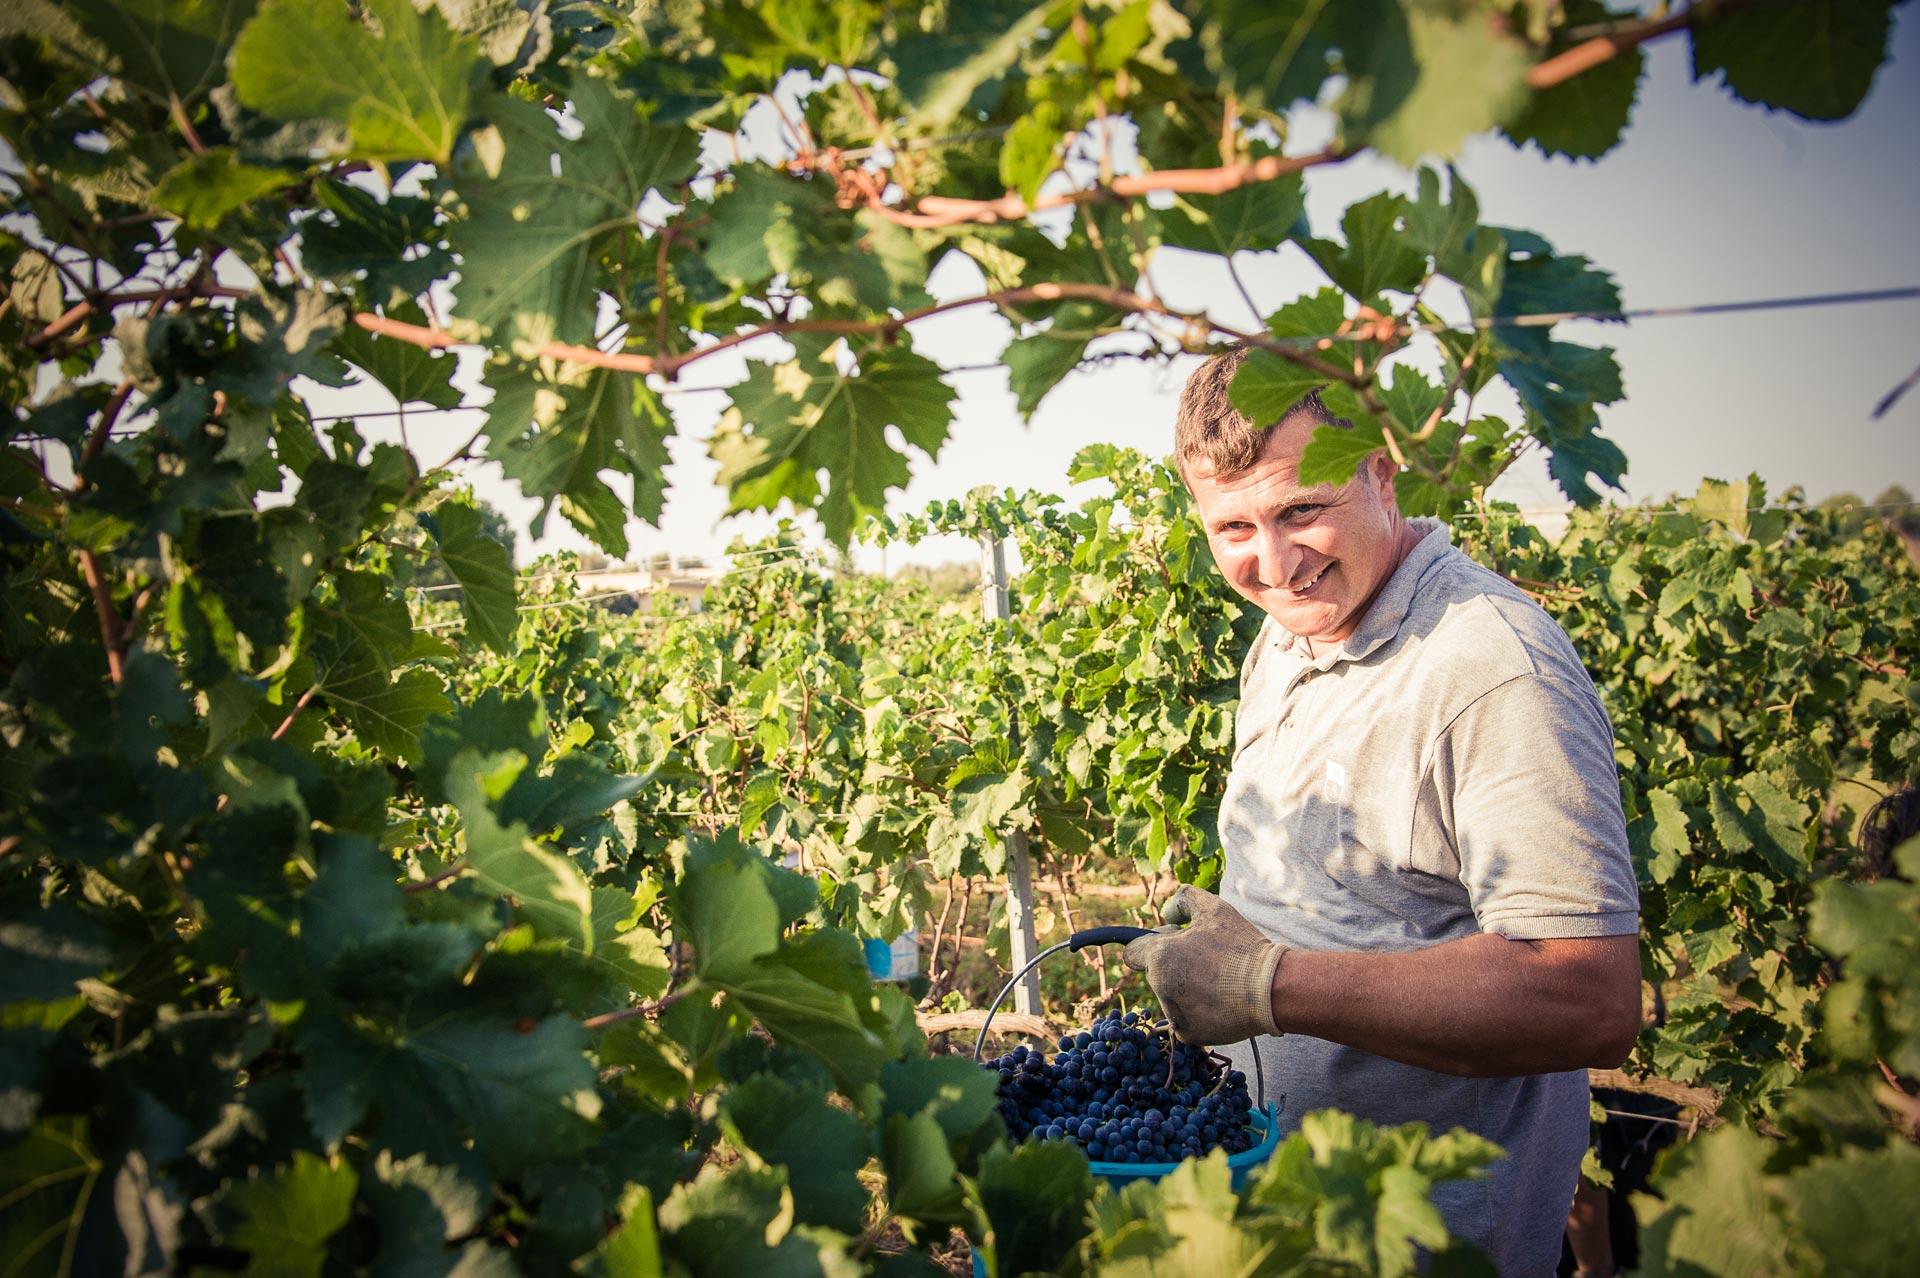 Susumaniello Harvest